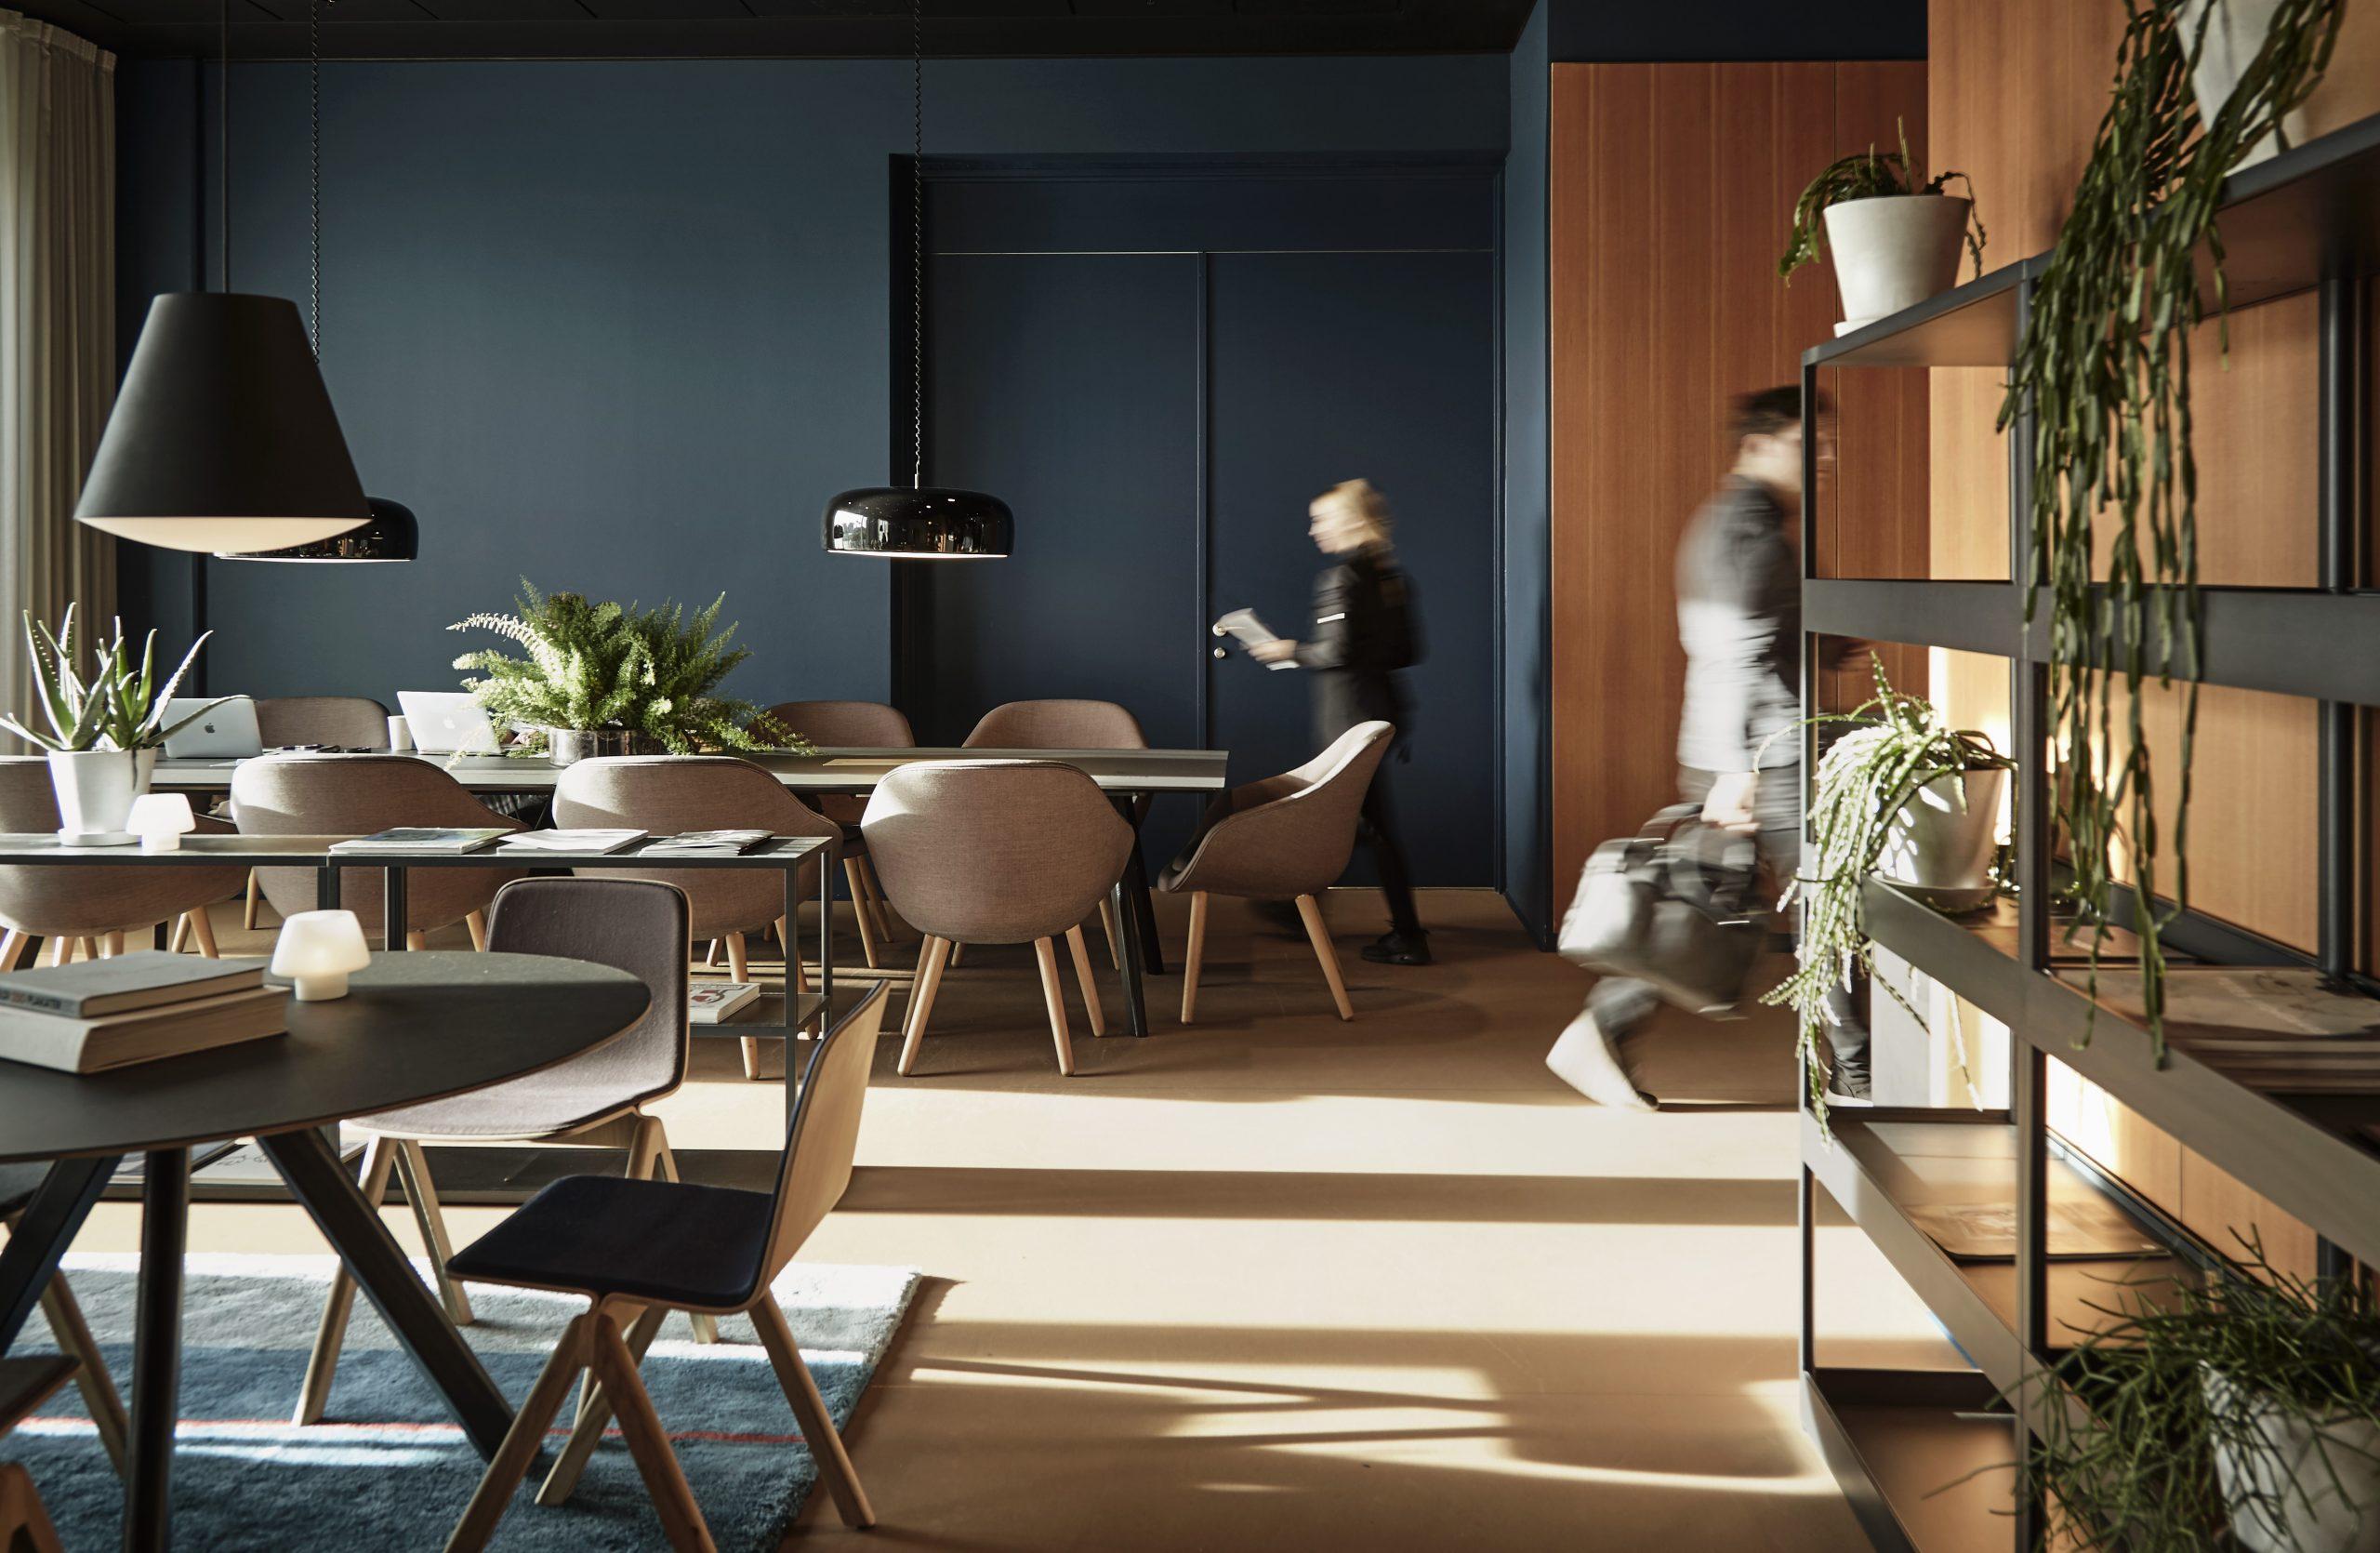 Aarhusregionen sætter fokus på mere bæredygtighed ved kommende konference. Arkivfoto fra Comwell-hotellet i Aarhus.